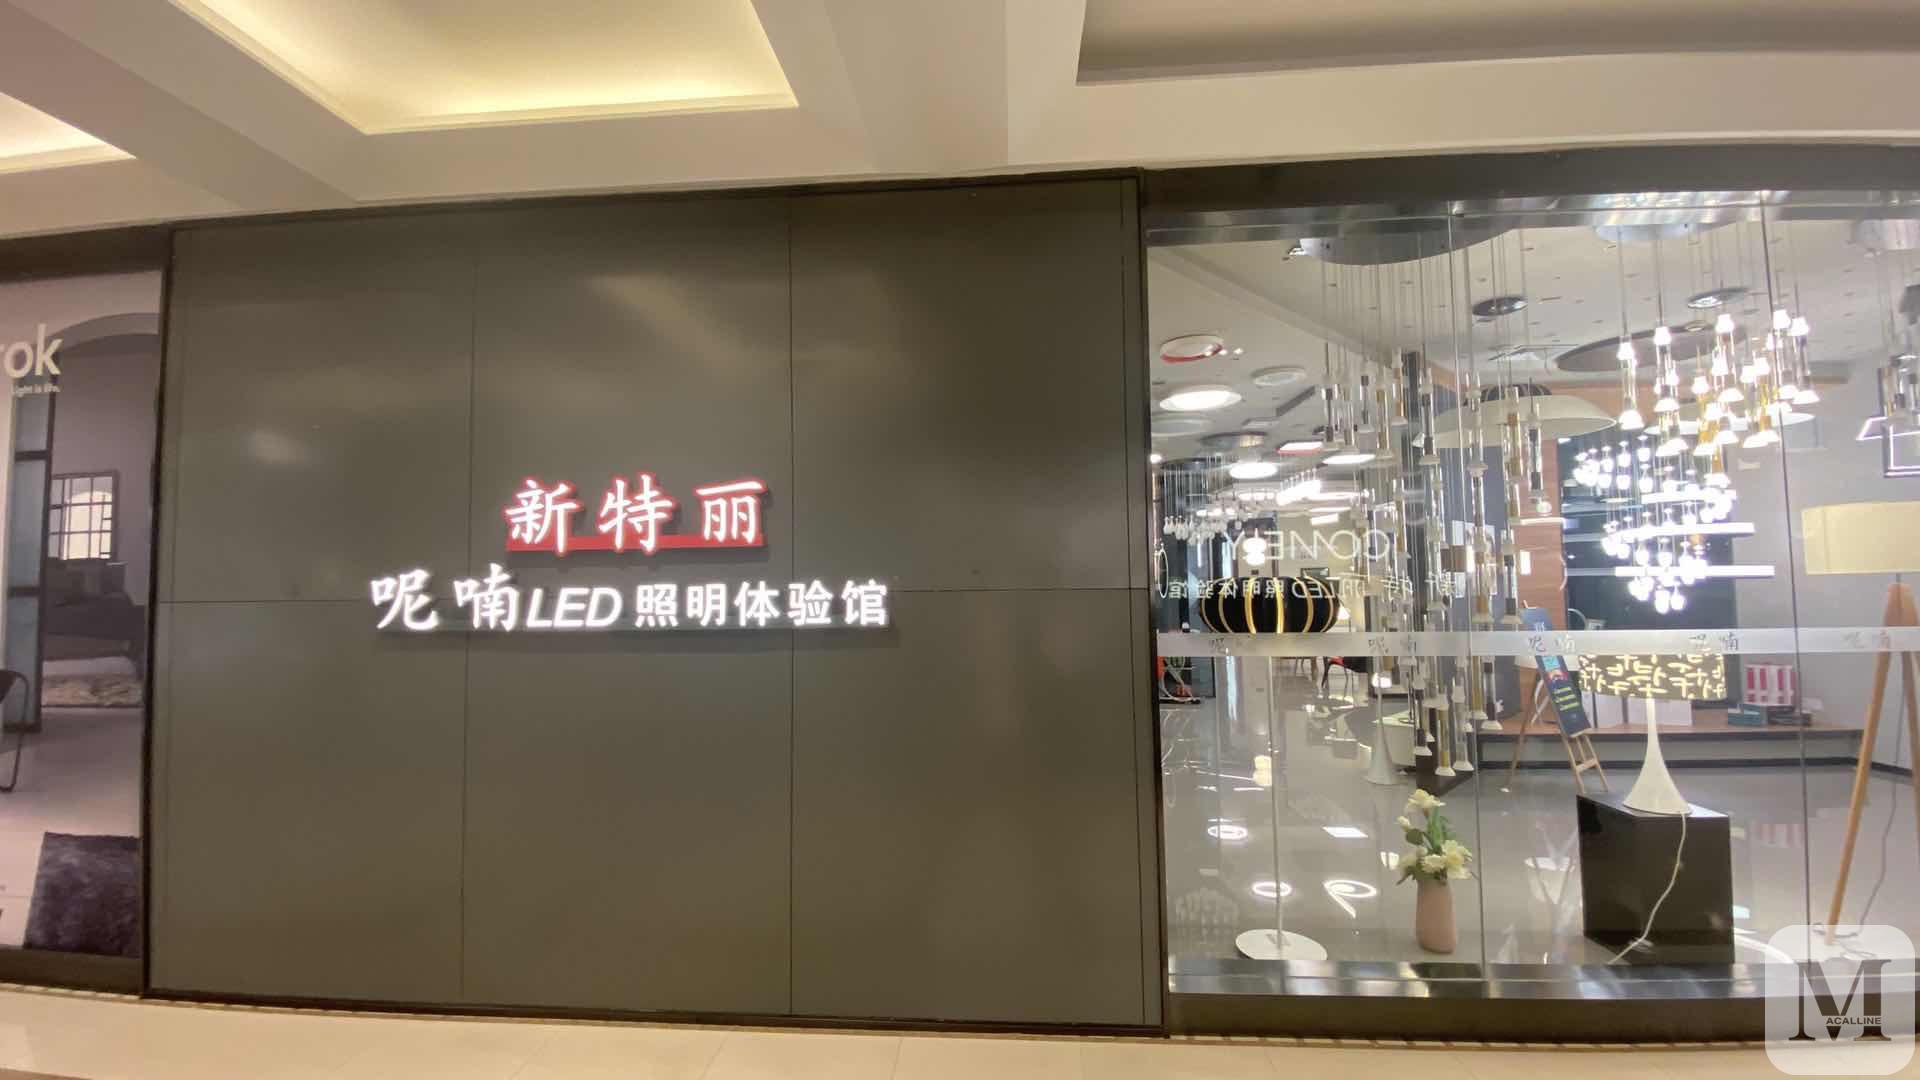 新特丽(红星美凯龙上海汶水商场)